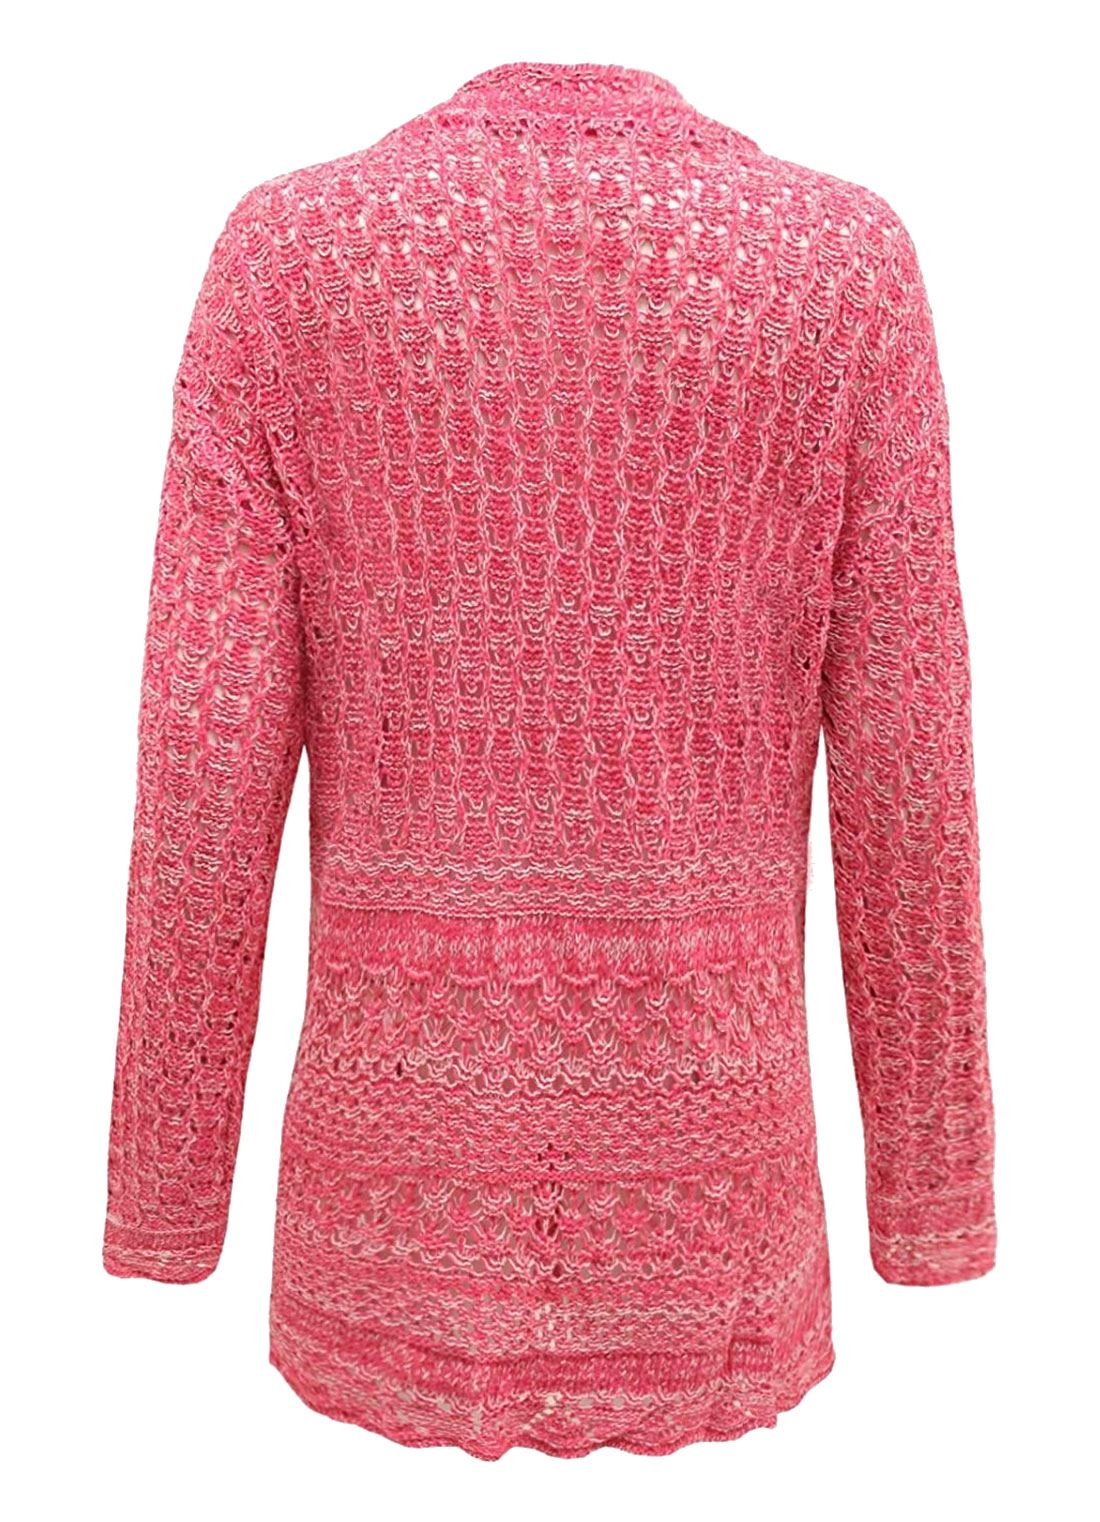 Da Donna 2 Bottoni Crochet Lavorato A Maglia Fidanzato Cardigan donna maglione manica lunga